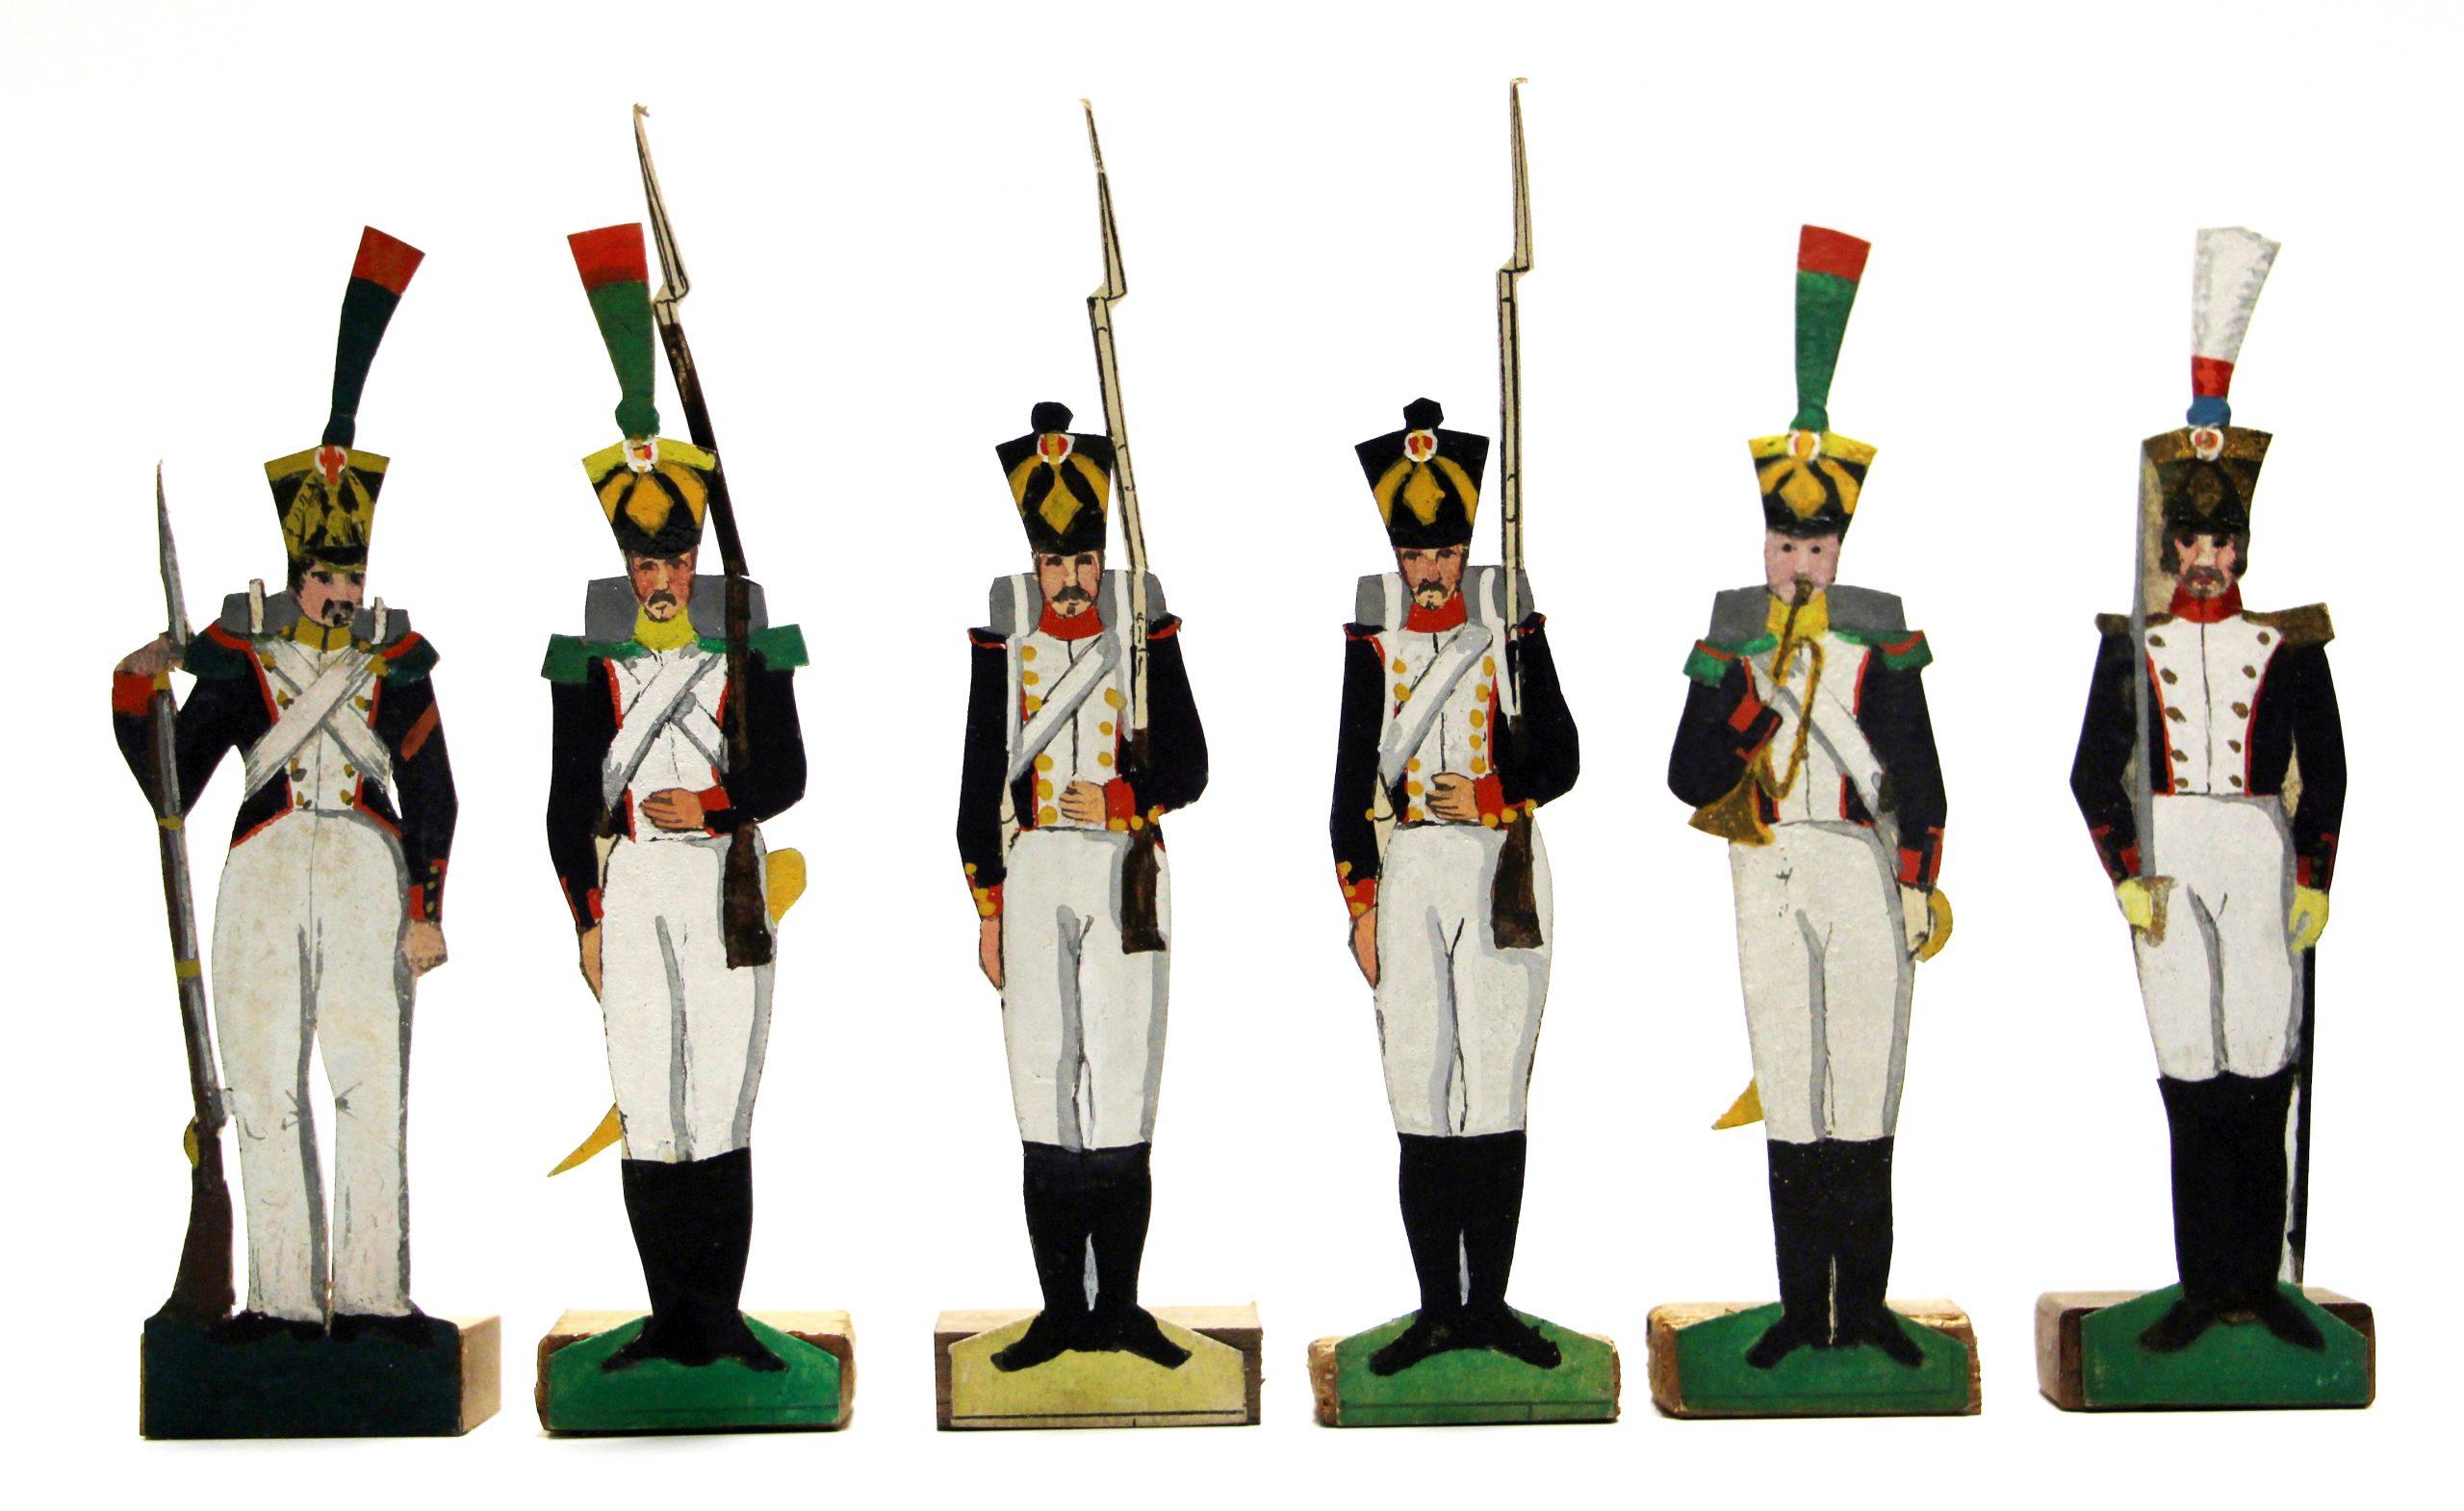 6 Petits Soldats de Strasbourg - Infanterie 1er Empire - Peints à la main - Socle bois - Grenadier - Voltigeur - Napoleon 1er